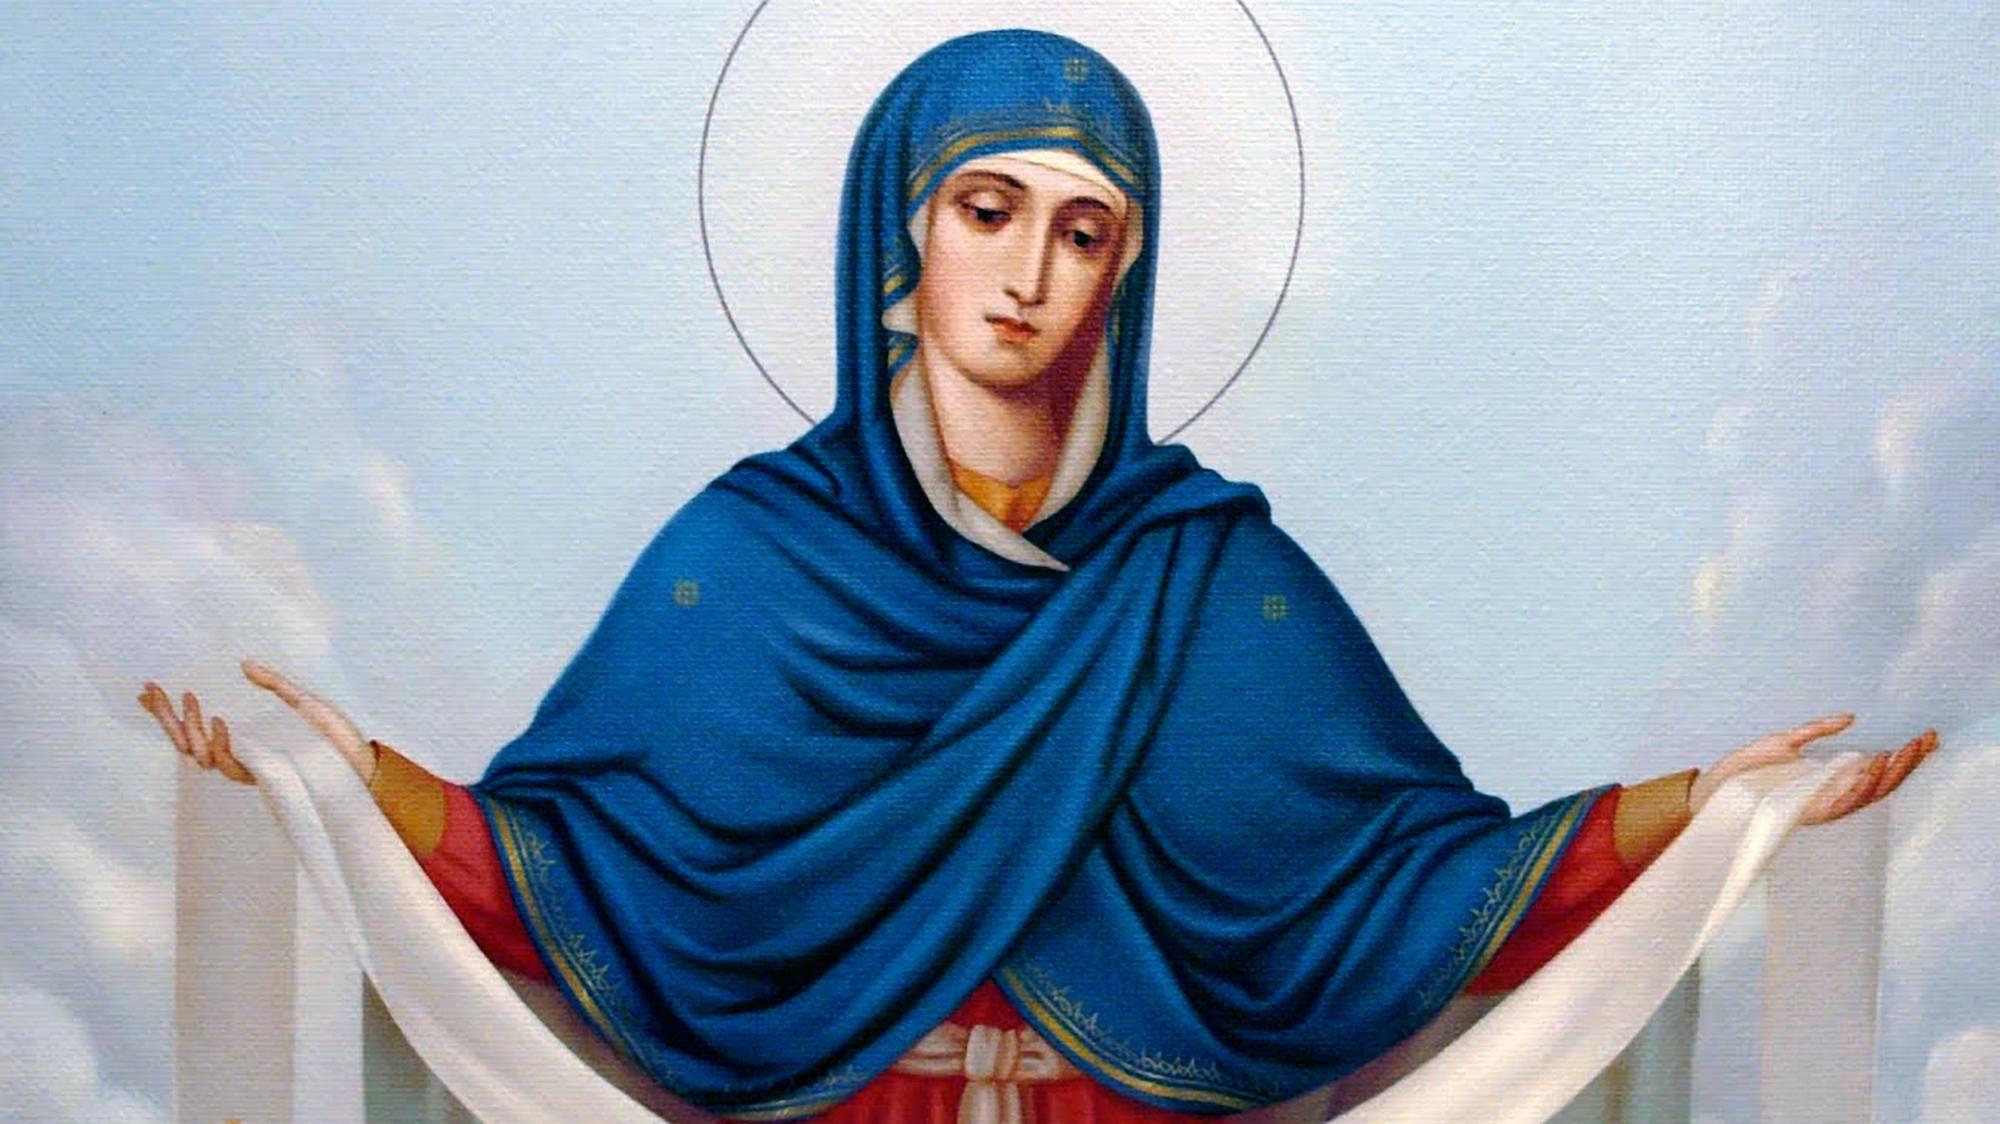 Картинки на 14 октября покров пресвятой богородицы, картинки кигуруми приглашения